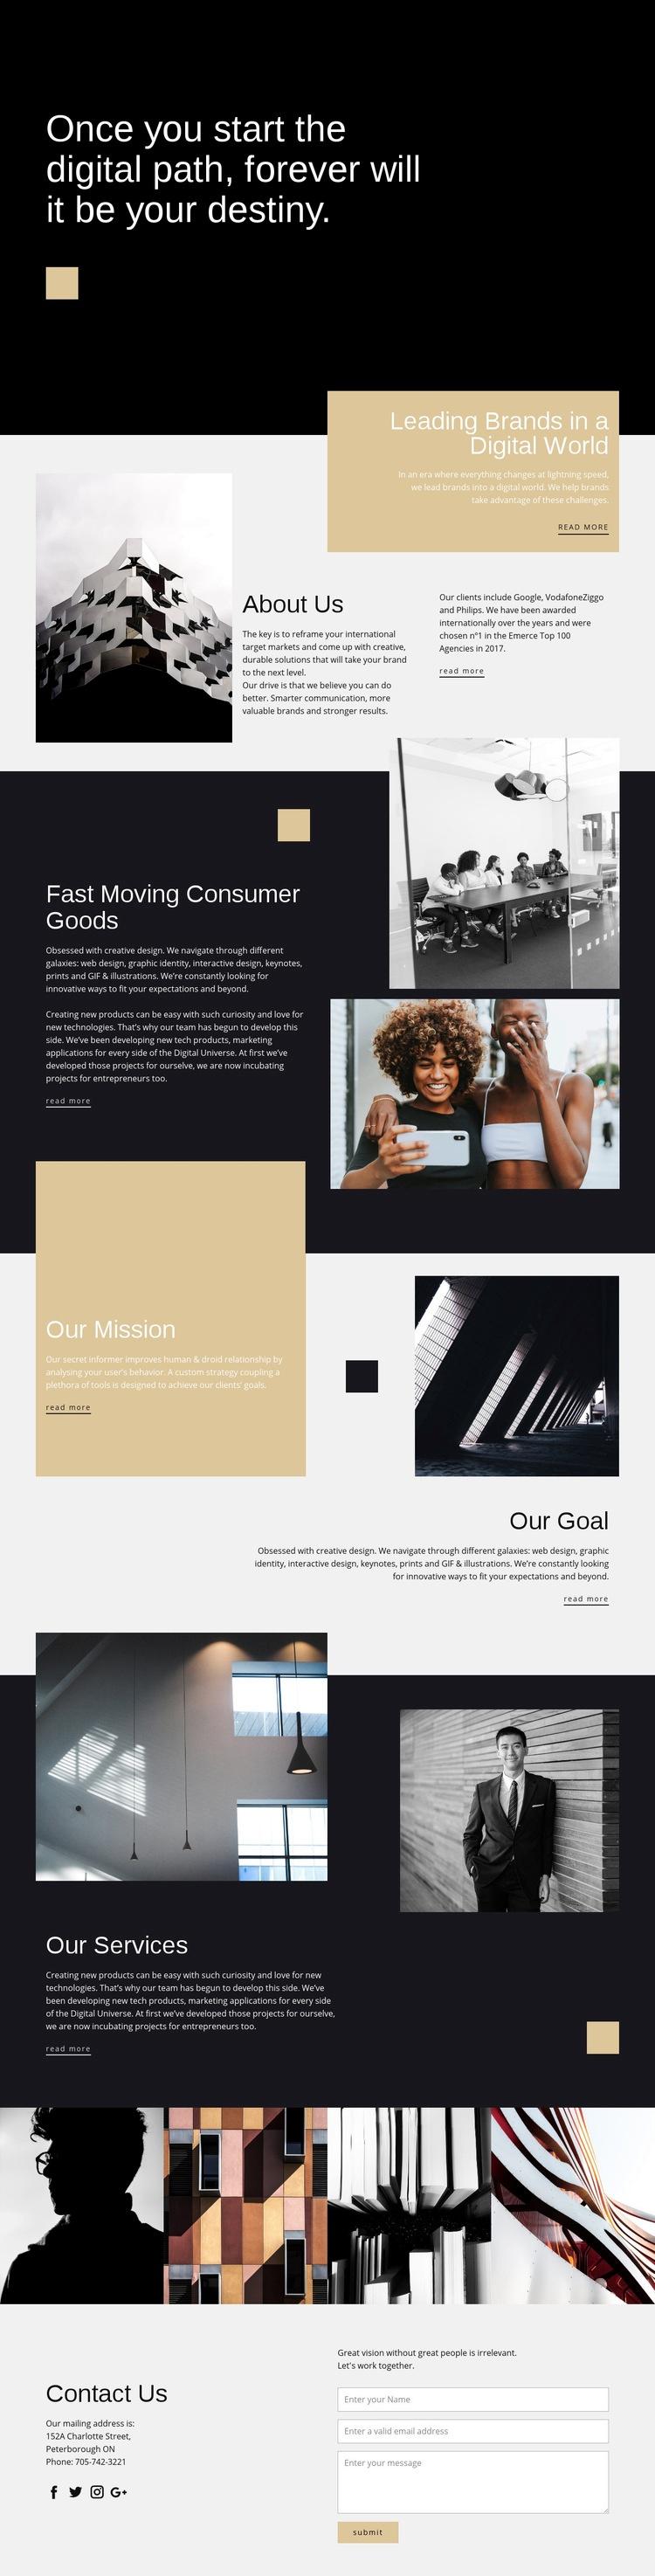 Destiny photo studio Html Code Example